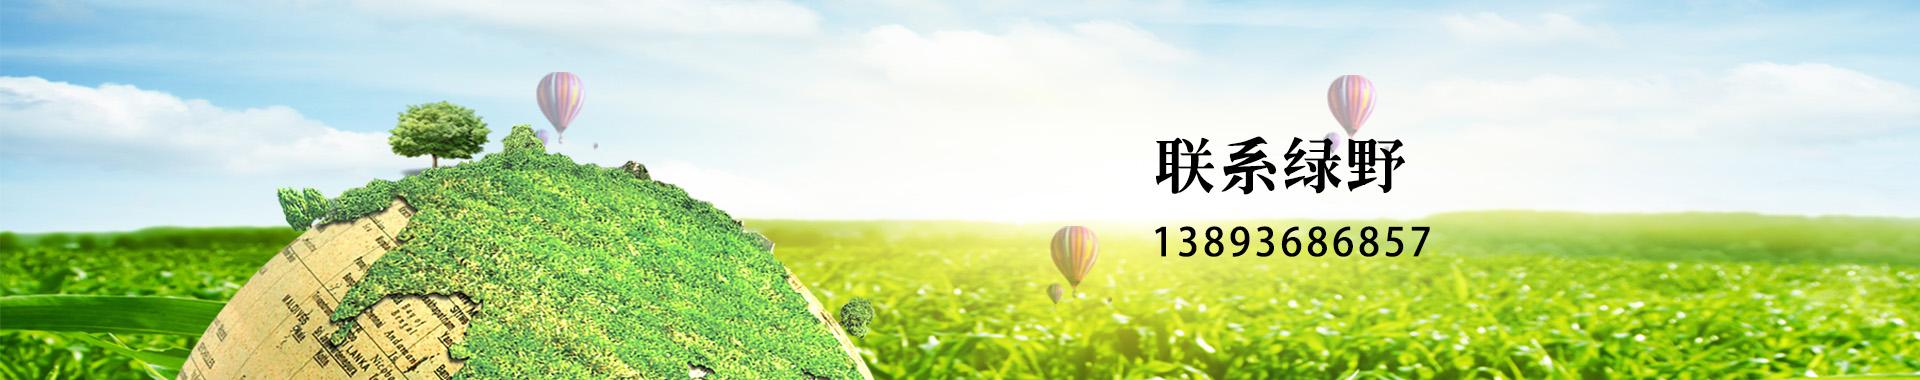 联系绿野上品